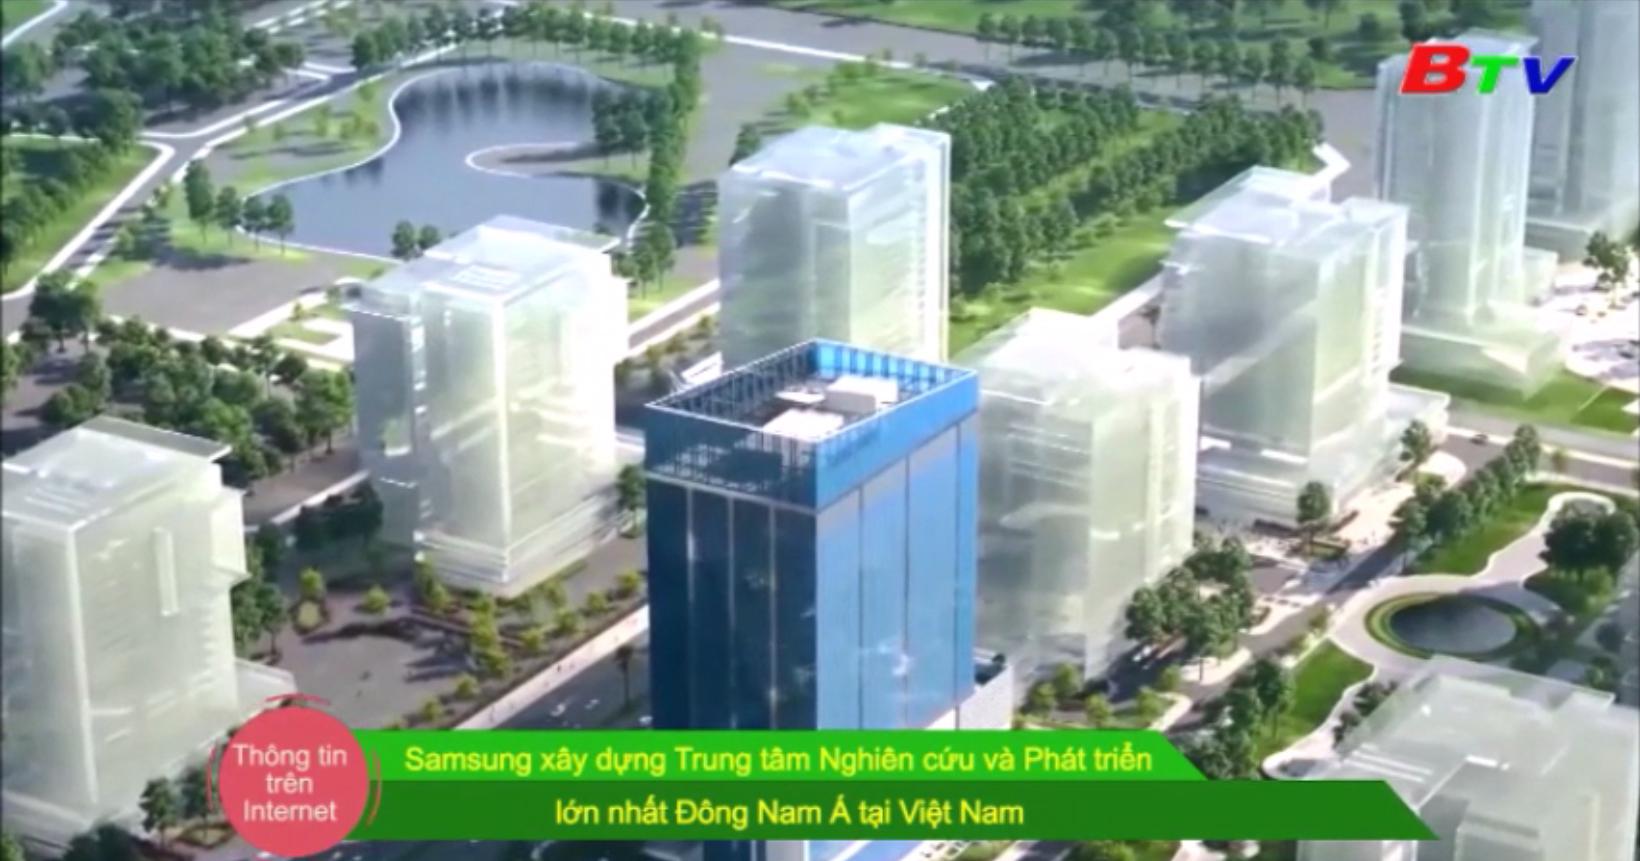 Samsung xây dựng Trung tâm Nghiên cứu và Phát triển lớn nhất Đông Nam Á tại Việt Nam